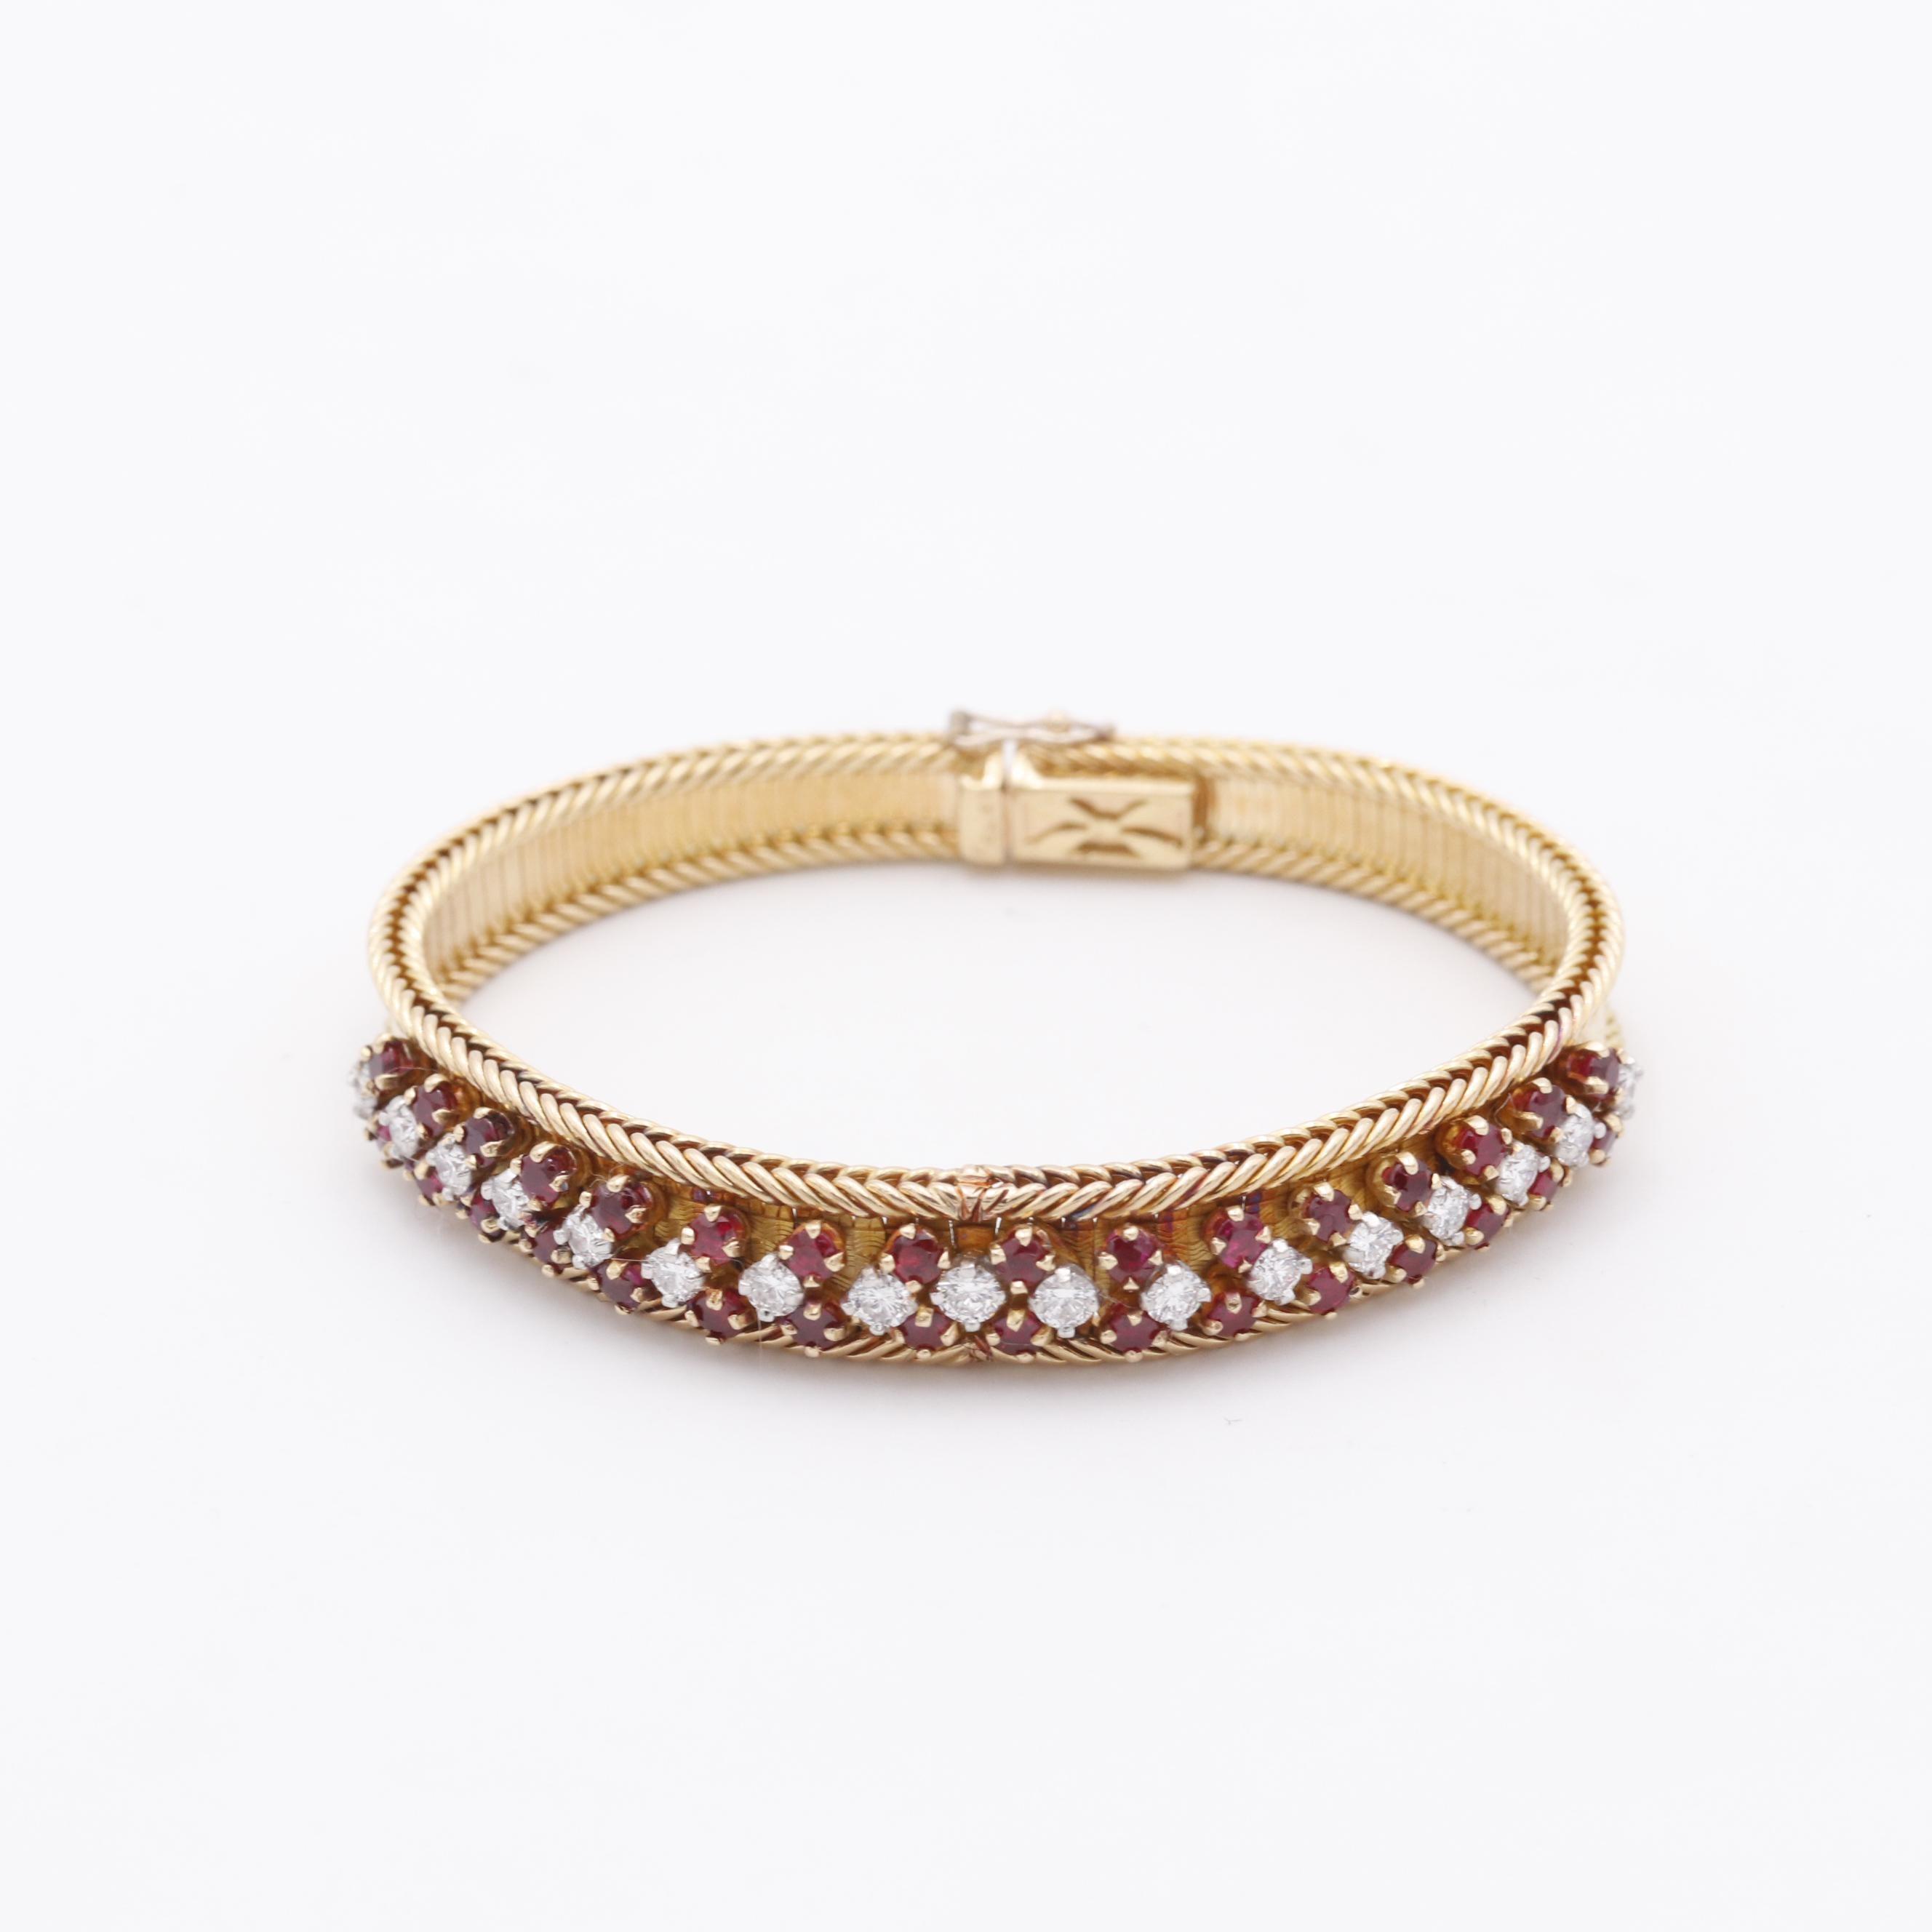 18K Yellow Gold Ruby Diamond Fashion Bracelet